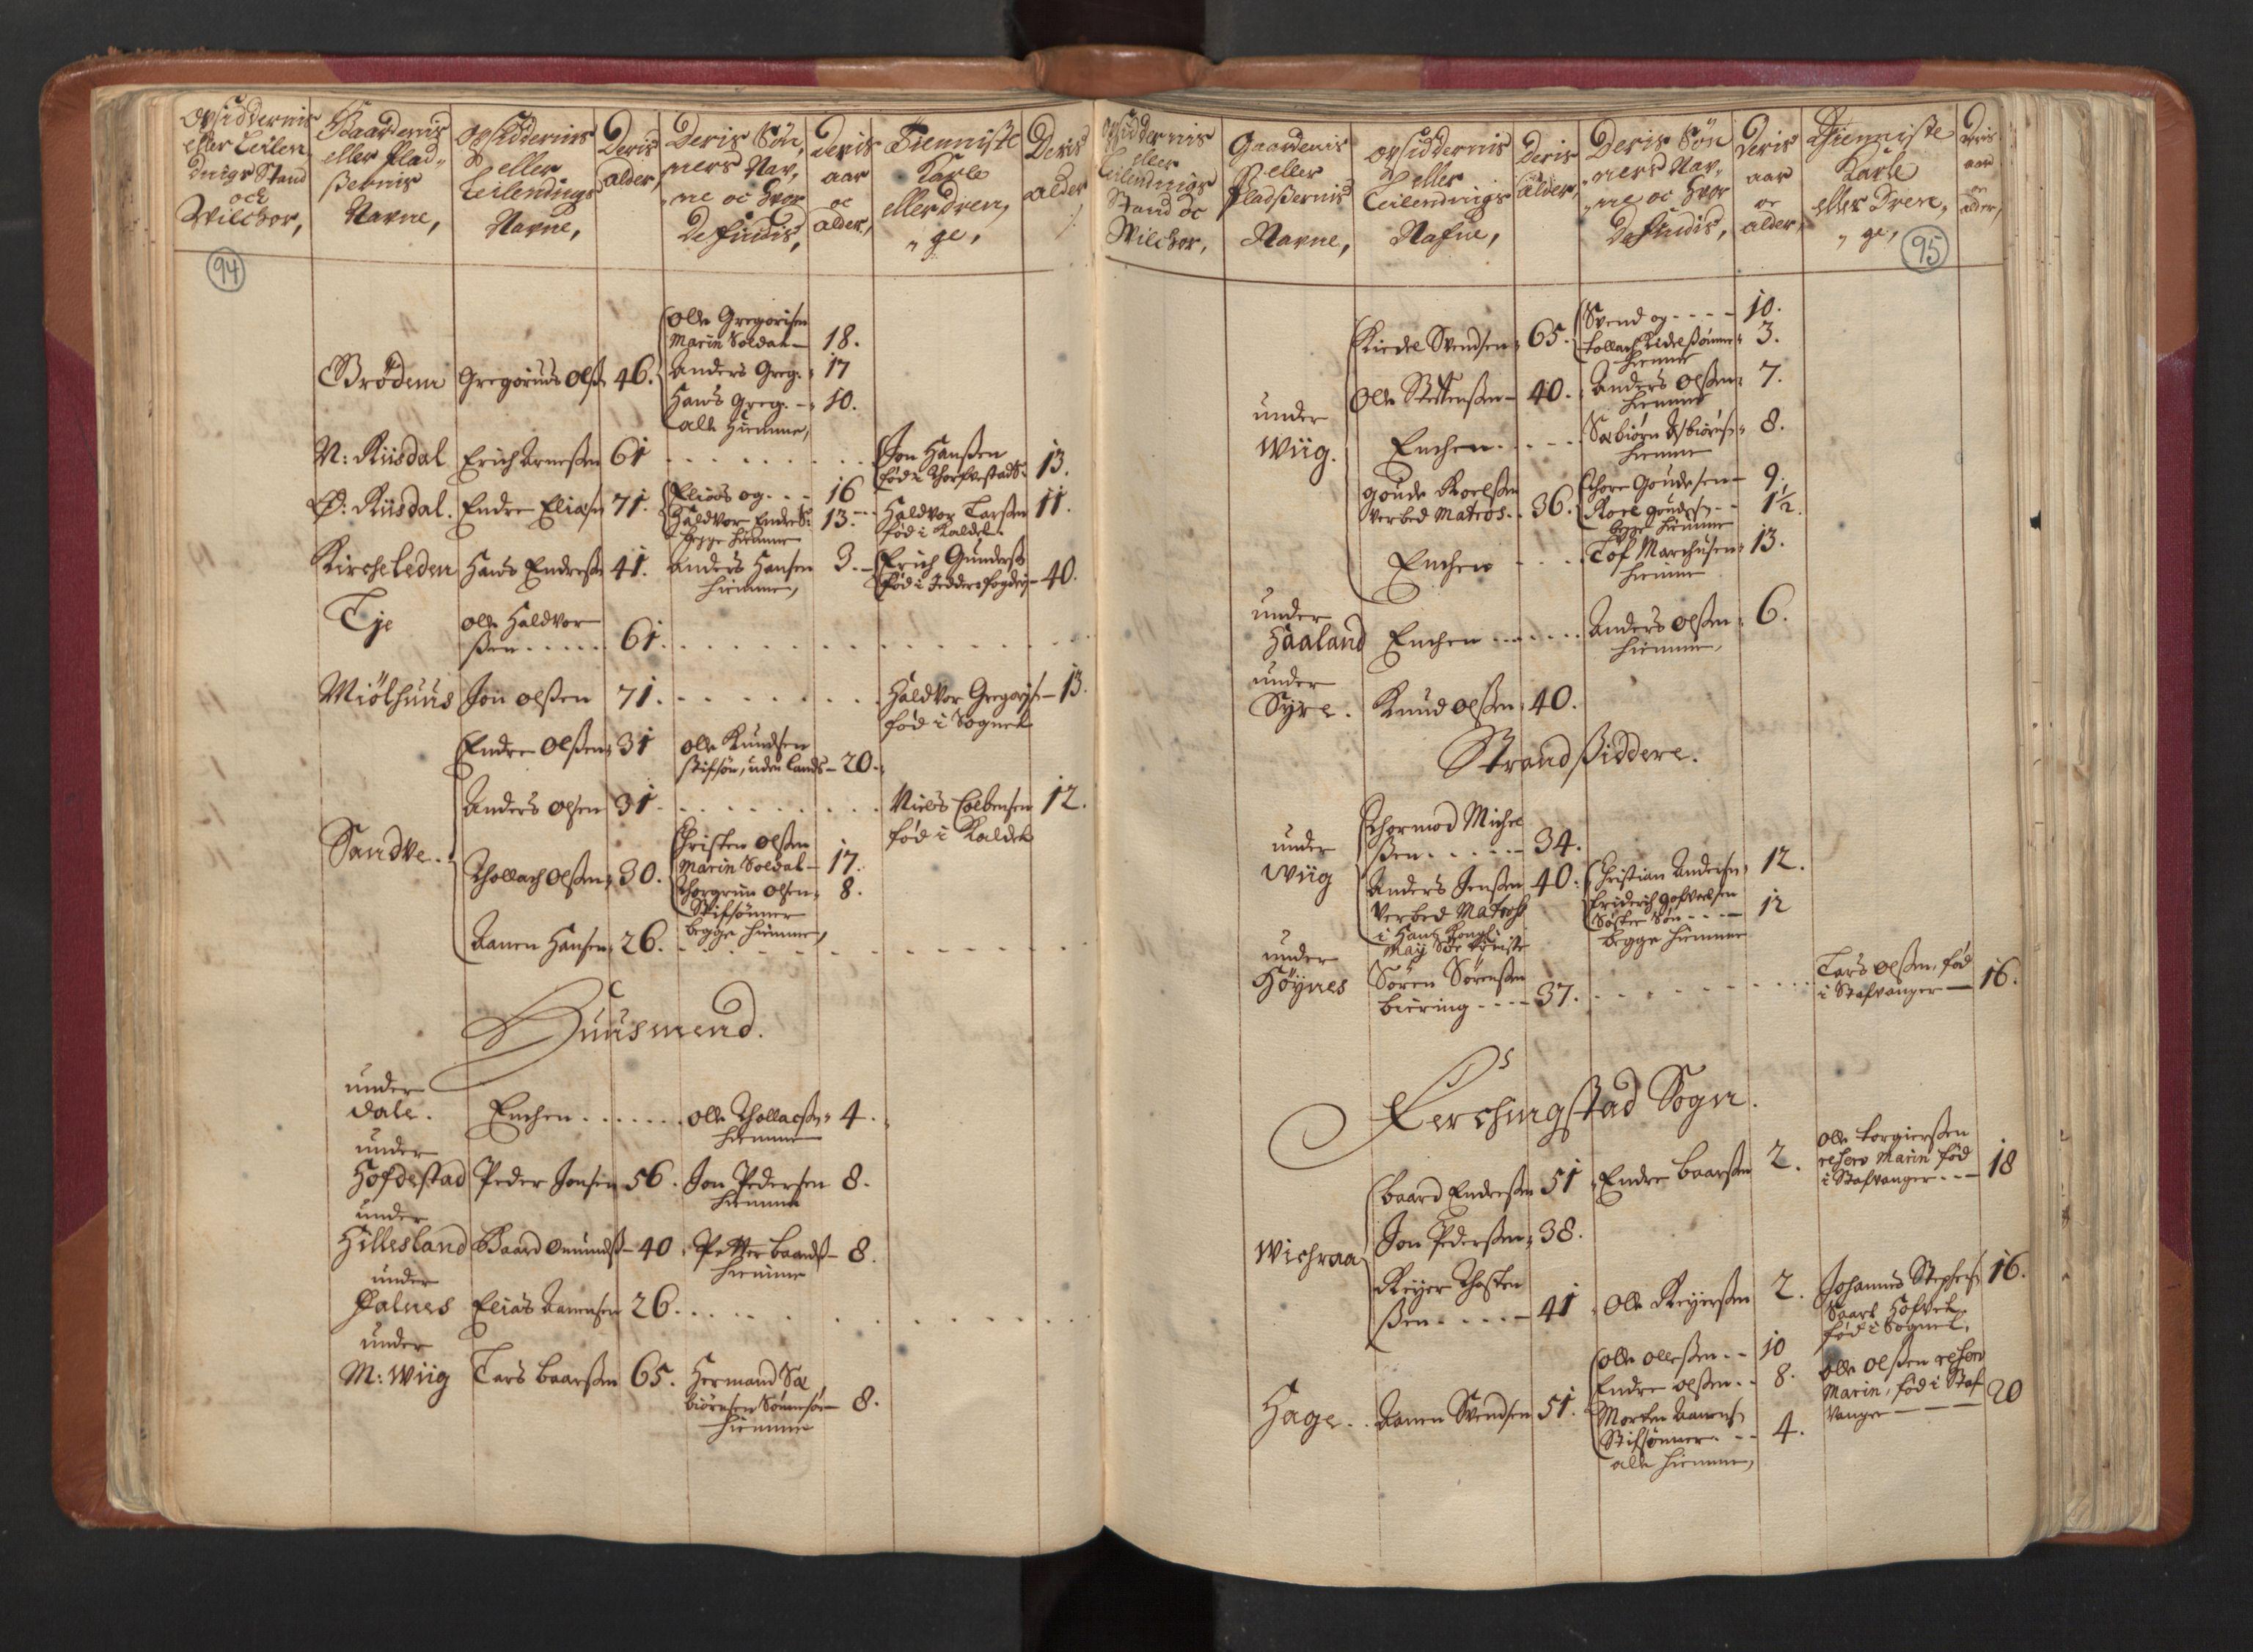 RA, Manntallet 1701, nr. 5: Ryfylke fogderi, 1701, s. 94-95